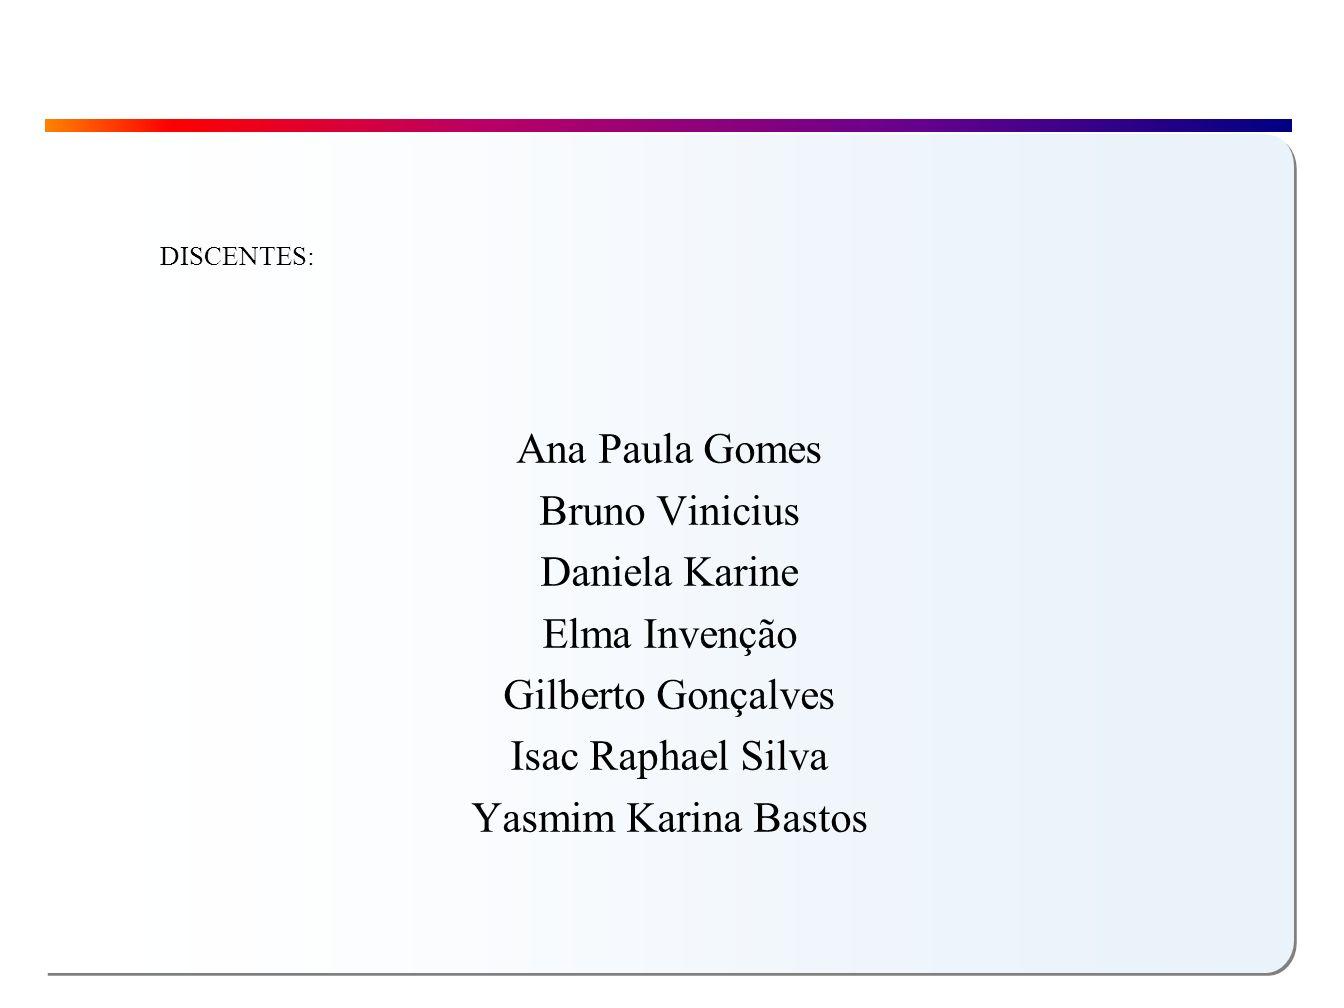 Ana Paula Gomes Bruno Vinicius Daniela Karine Elma Invenção Gilberto Gonçalves Isac Raphael Silva Yasmim Karina Bastos DISCENTES: